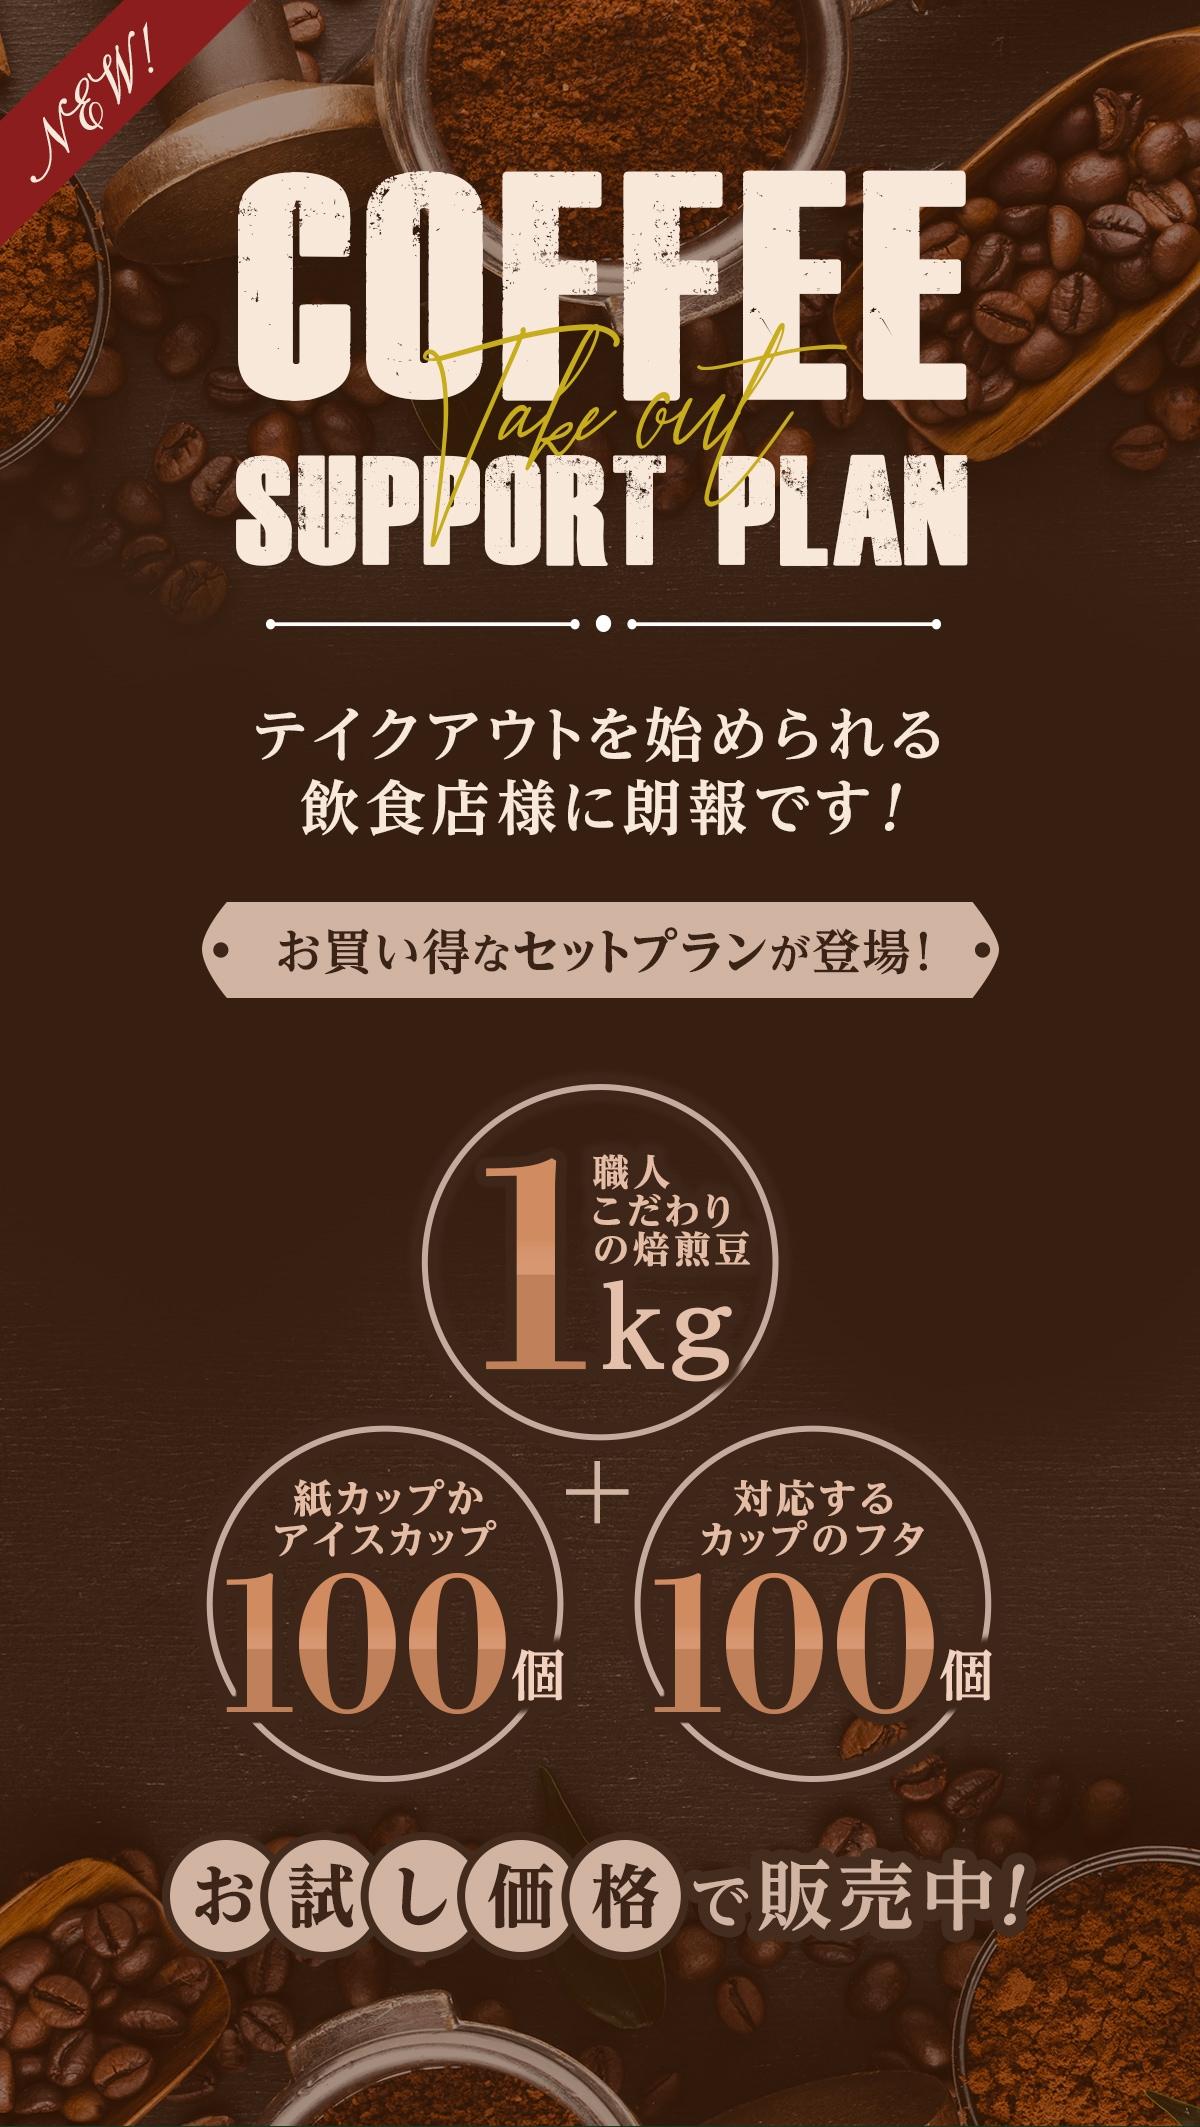 コーヒーサポートプラン お買い得なコーヒー豆セットプラン